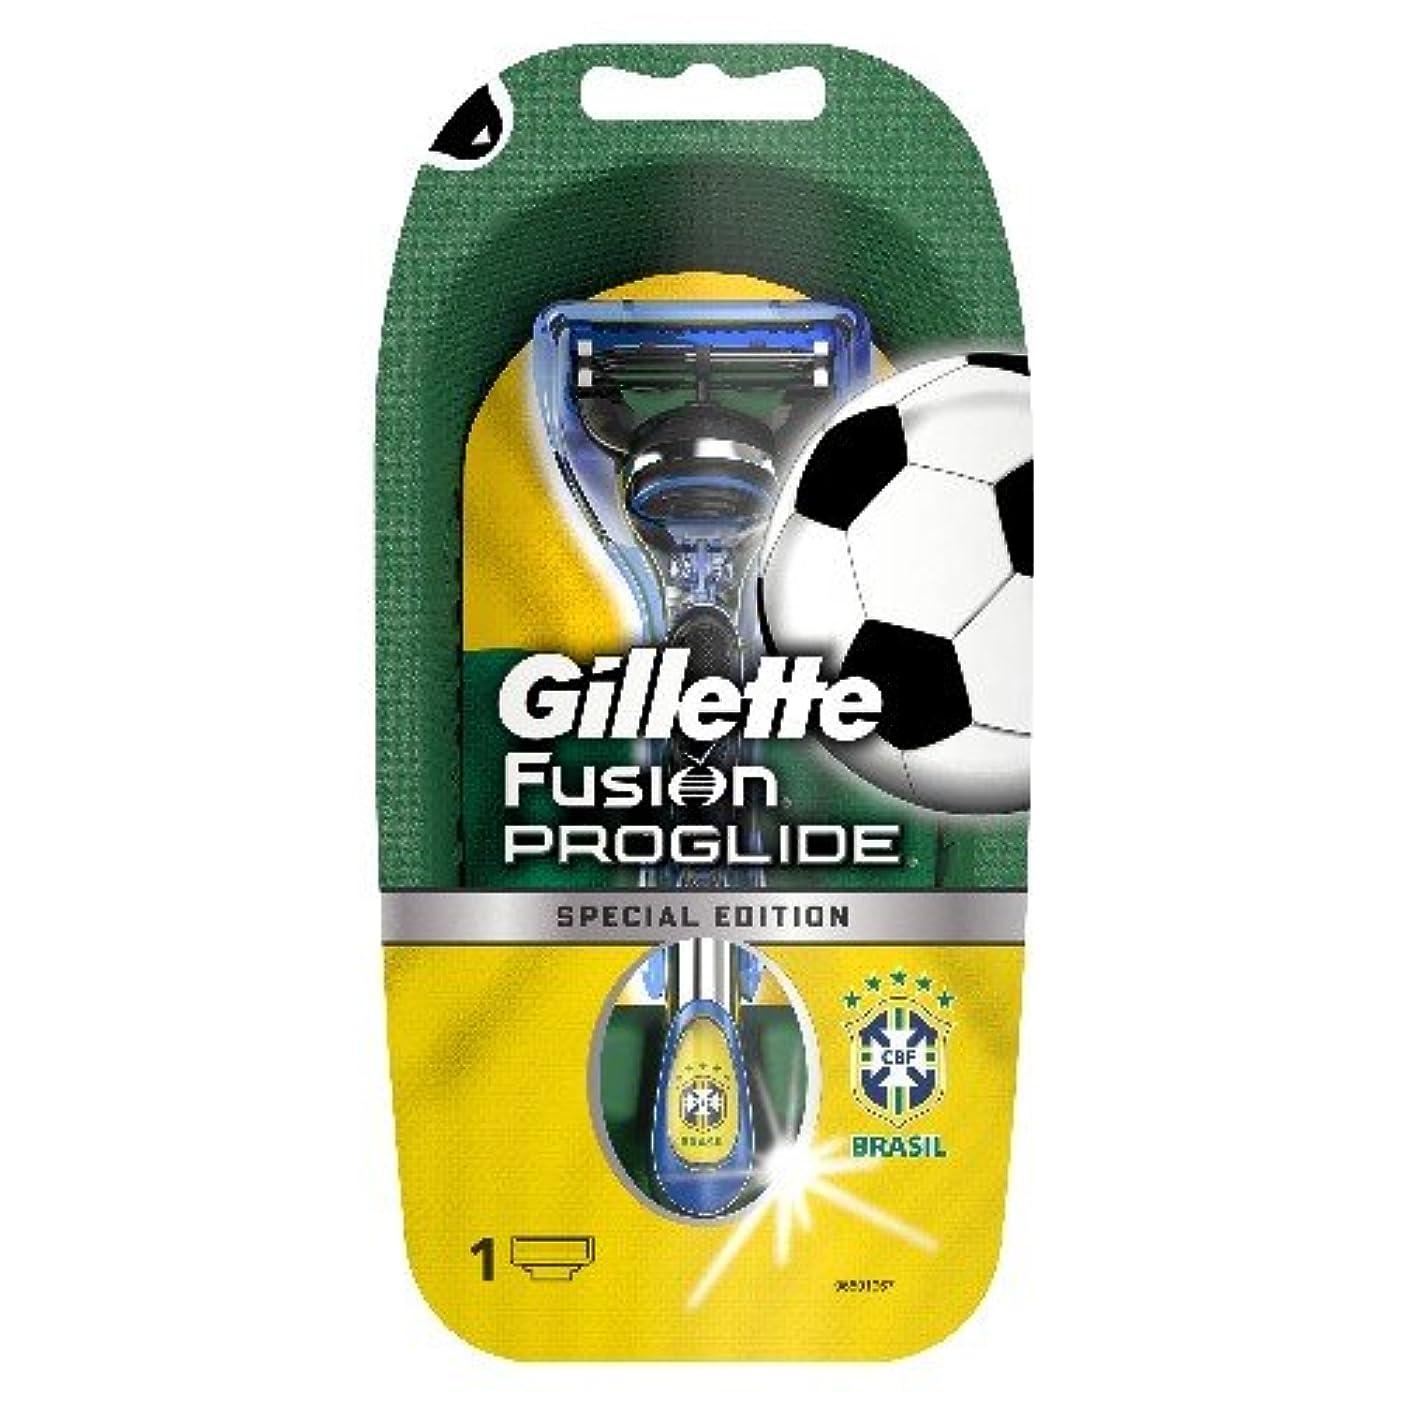 靴混乱させる誇張する【数量限定品】 ジレット プログライド サッカーブラジルモデルホルダー